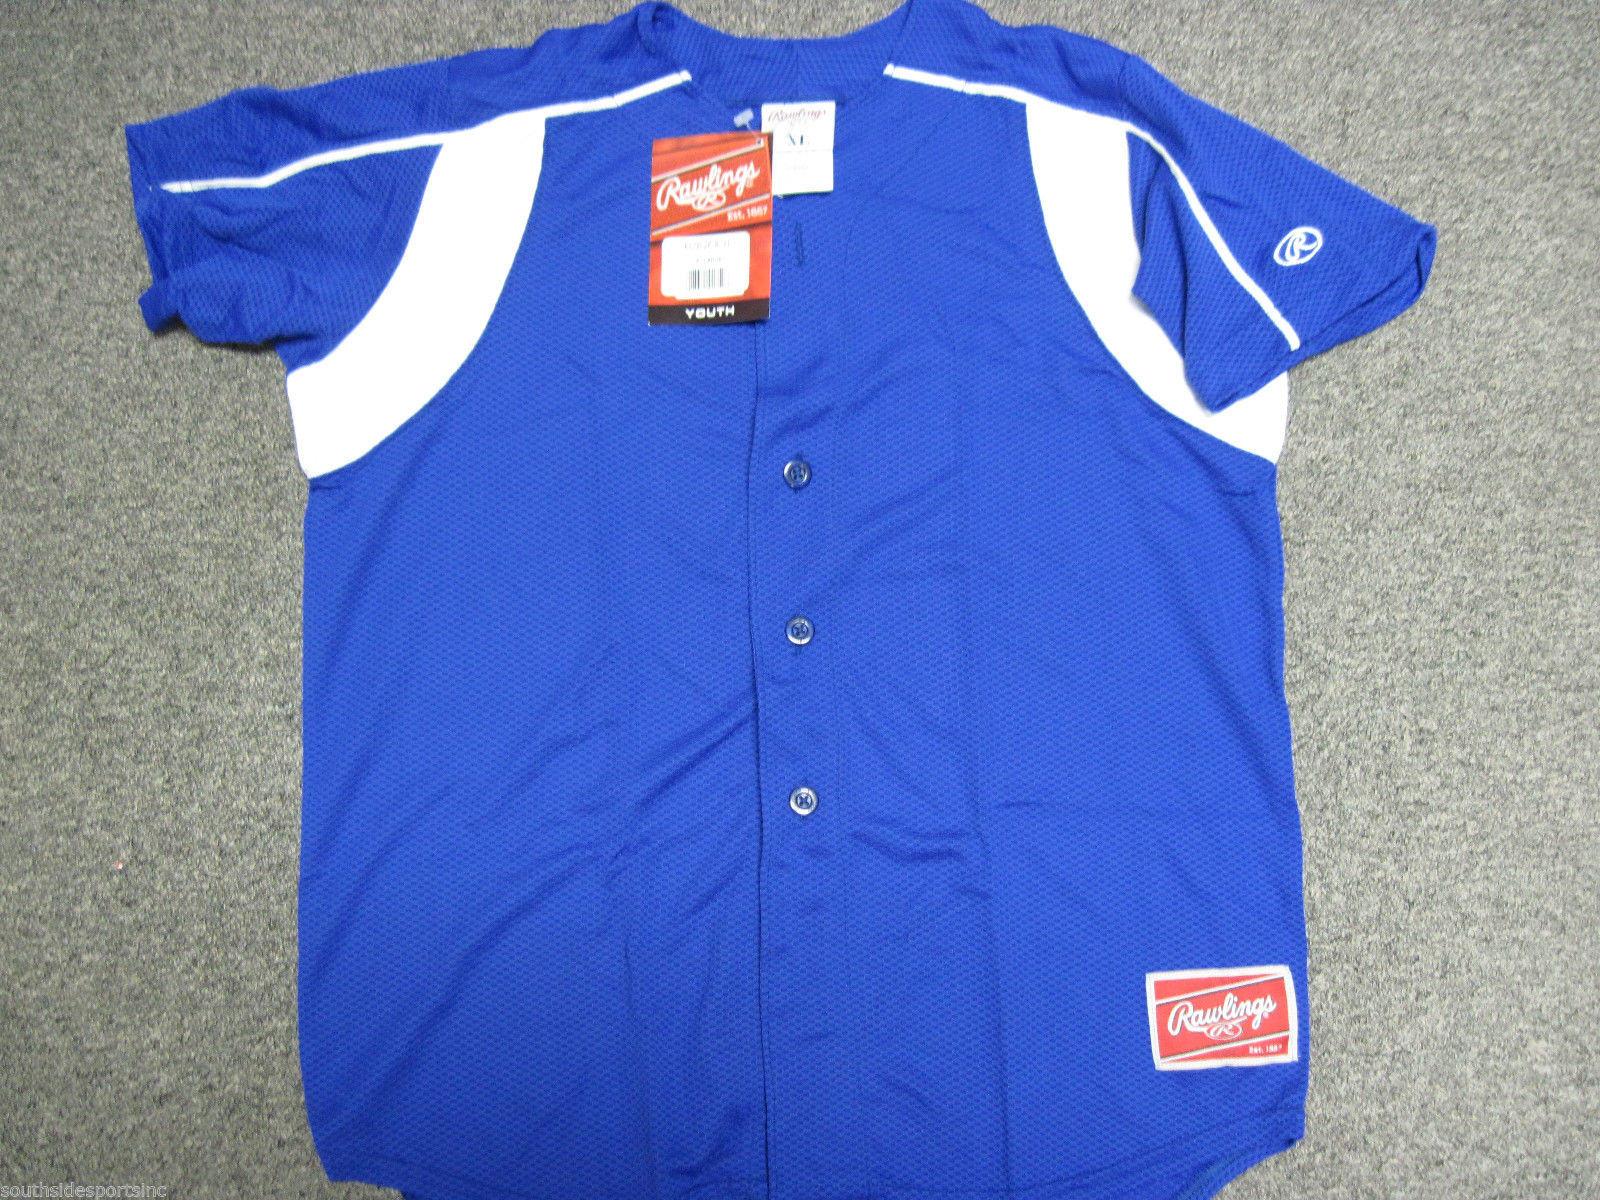 42c8ca93a01 Rawlings Dri Fit Youth Baseball Jersey – Southside Sports